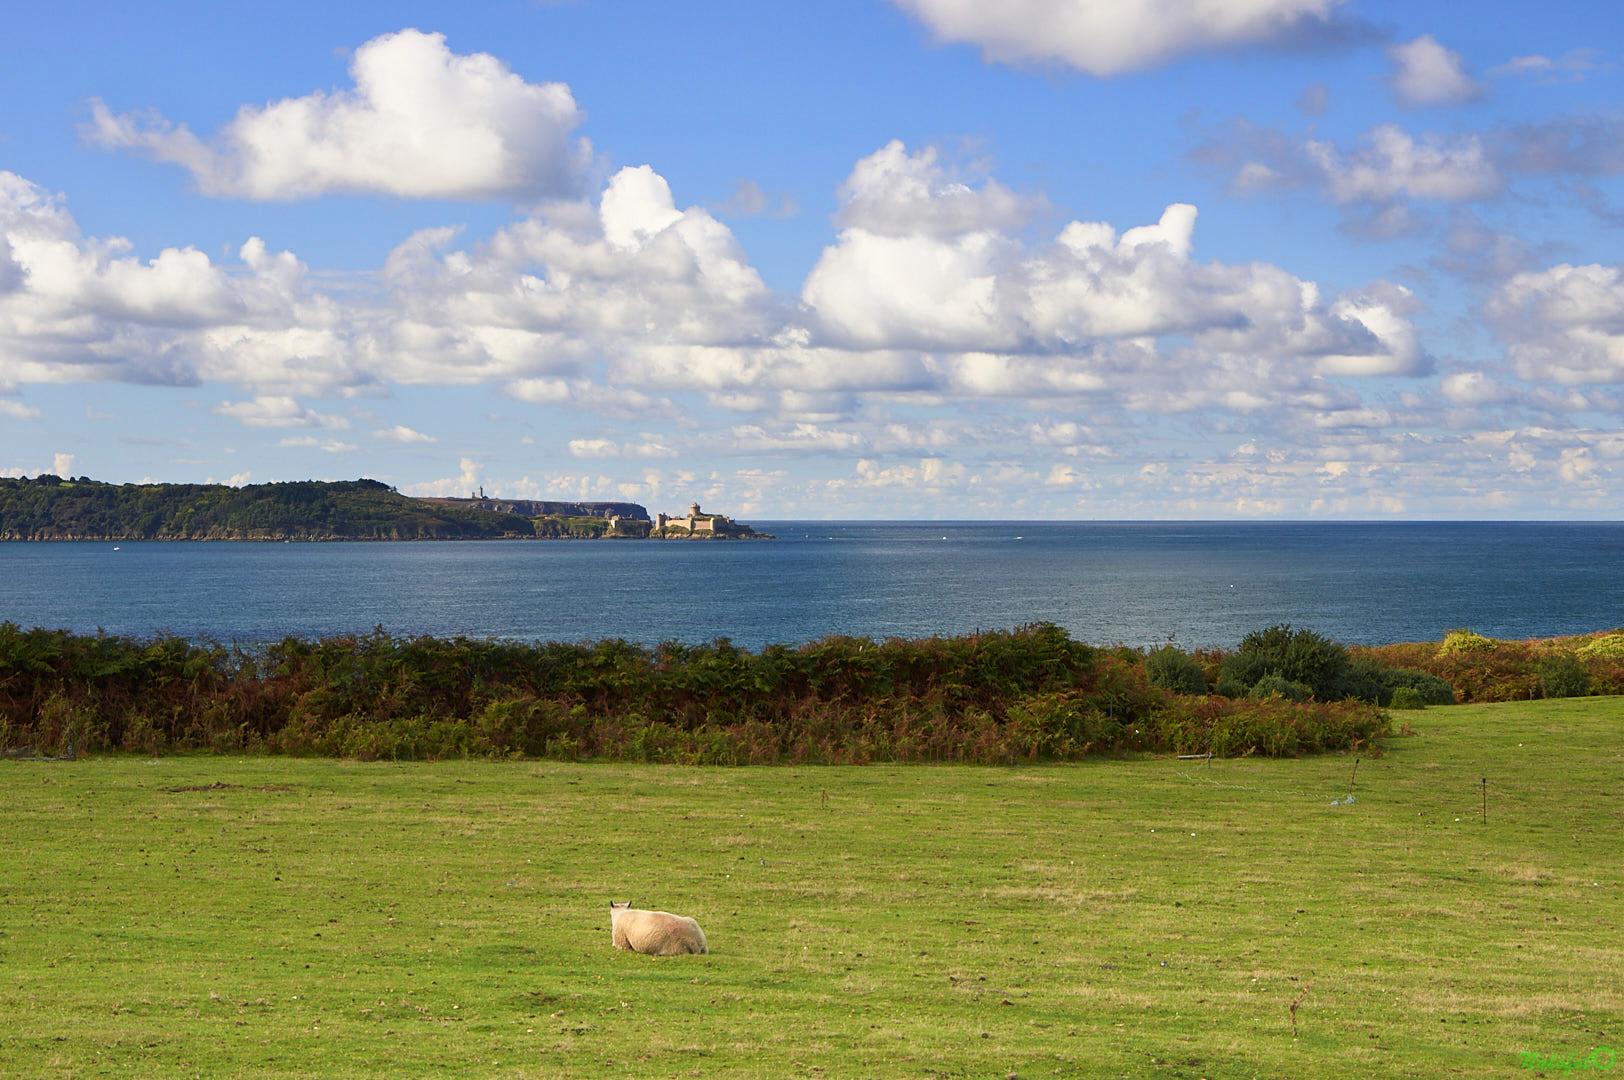 Vue sur la baie de la Fresnaye et le Fort La Latte - la Roche Goyon - depuis le sémaphore de St Cast le Guildo